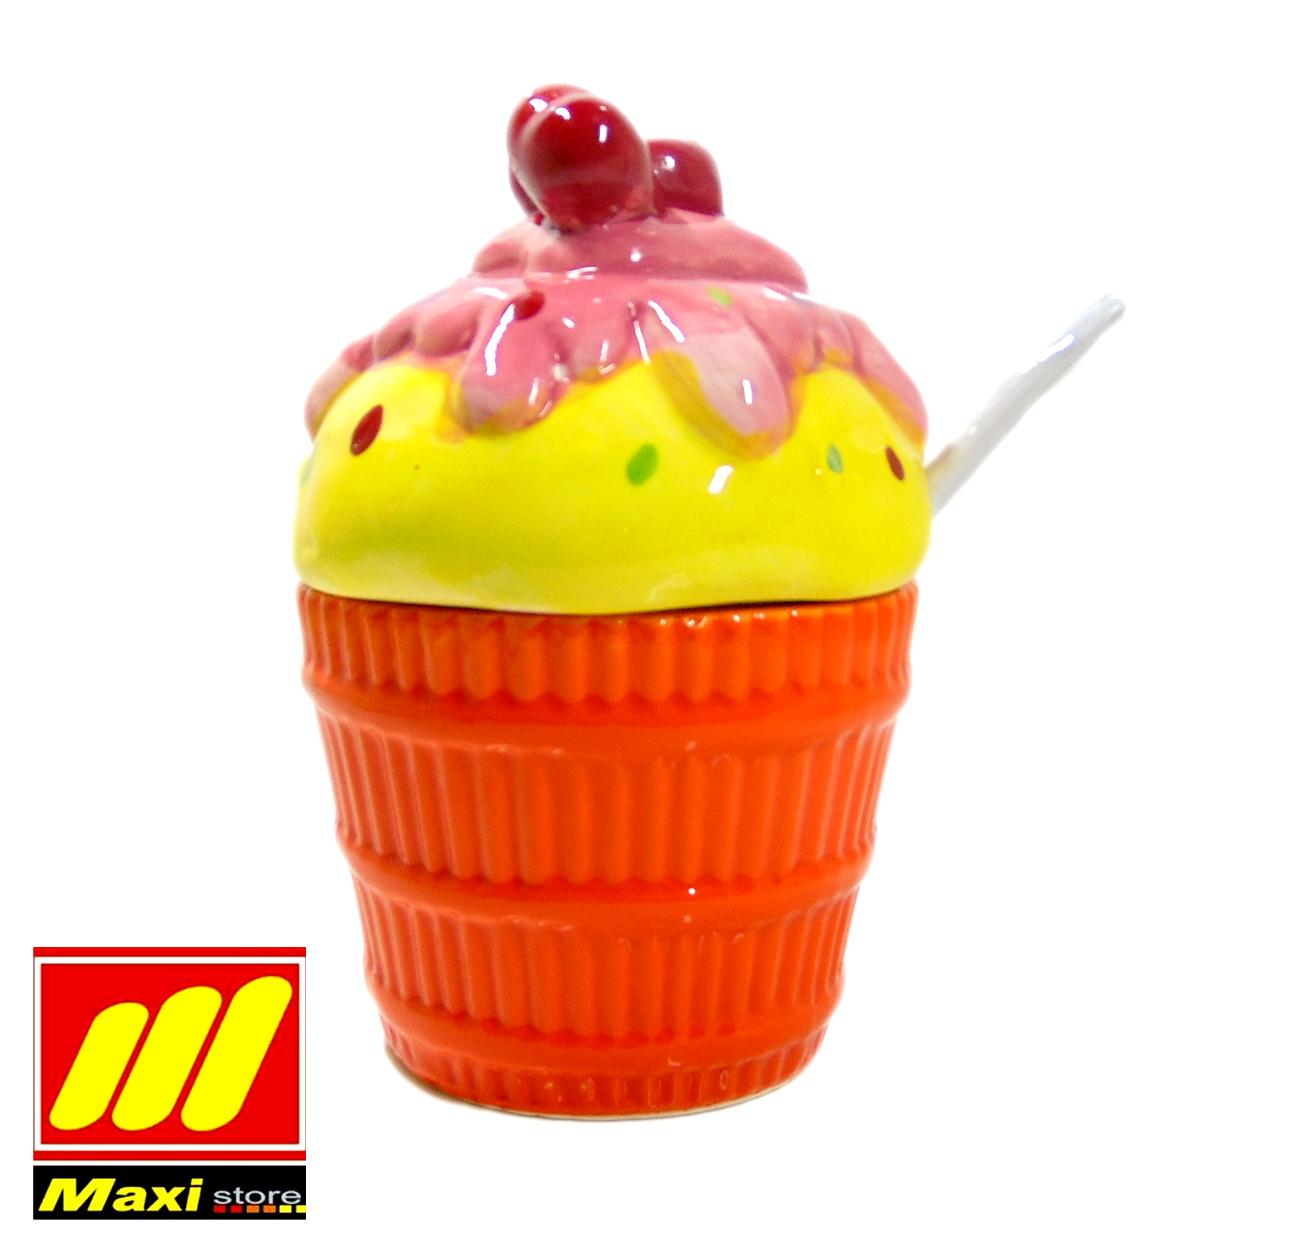 papercup paper cup craft kertas roti muffin cupcake bolu kukus tatakan. Source · Toples keramik